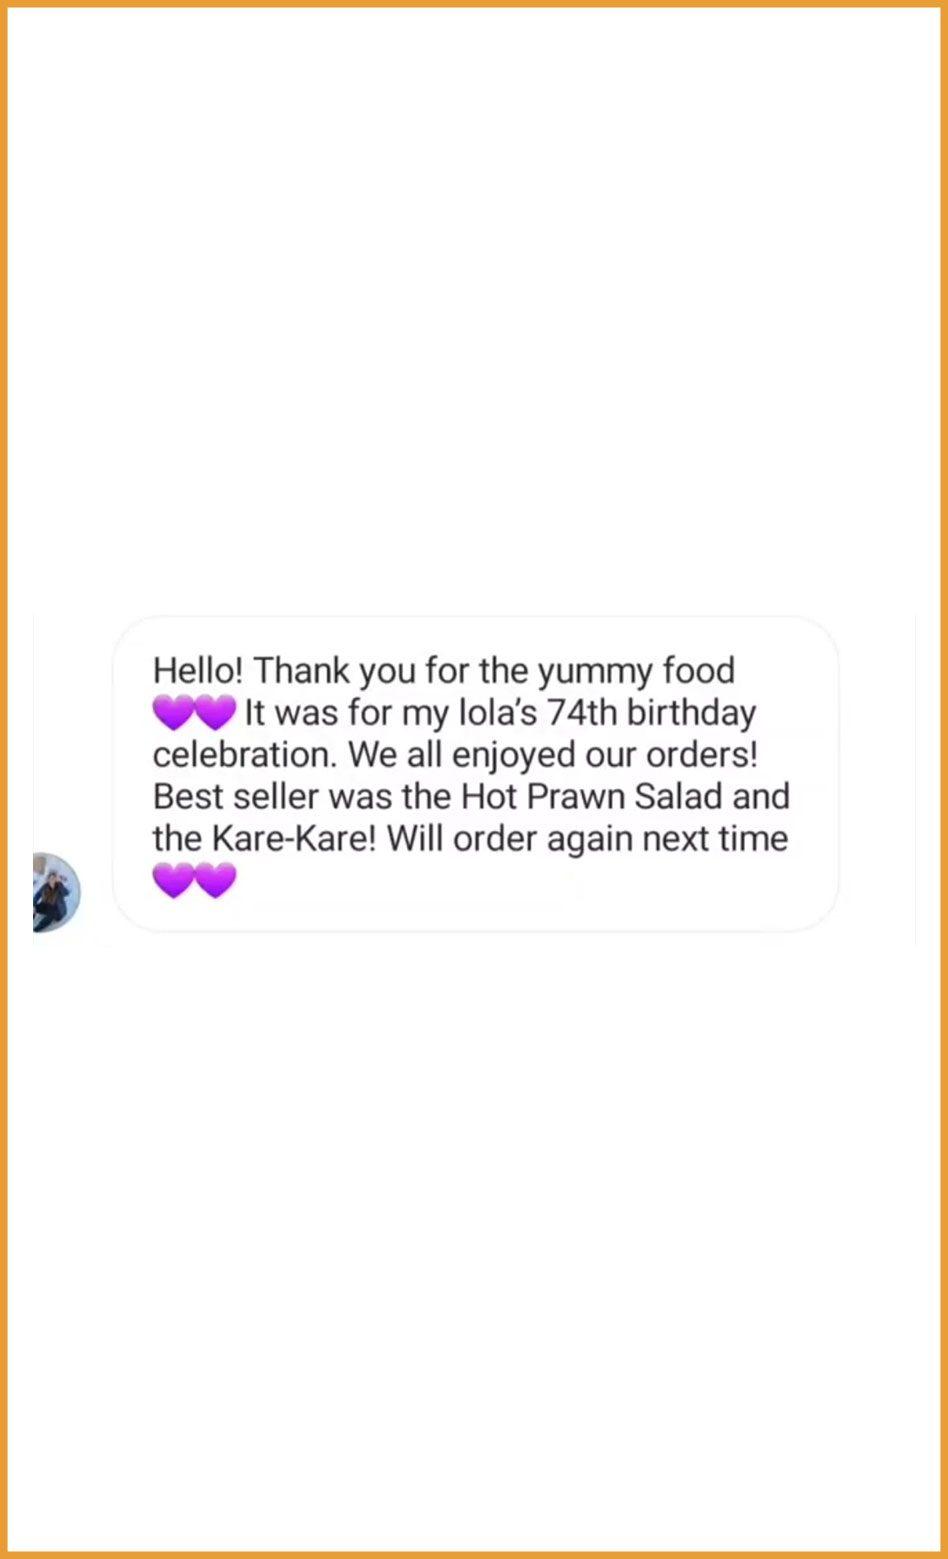 Customer Feedback Photos